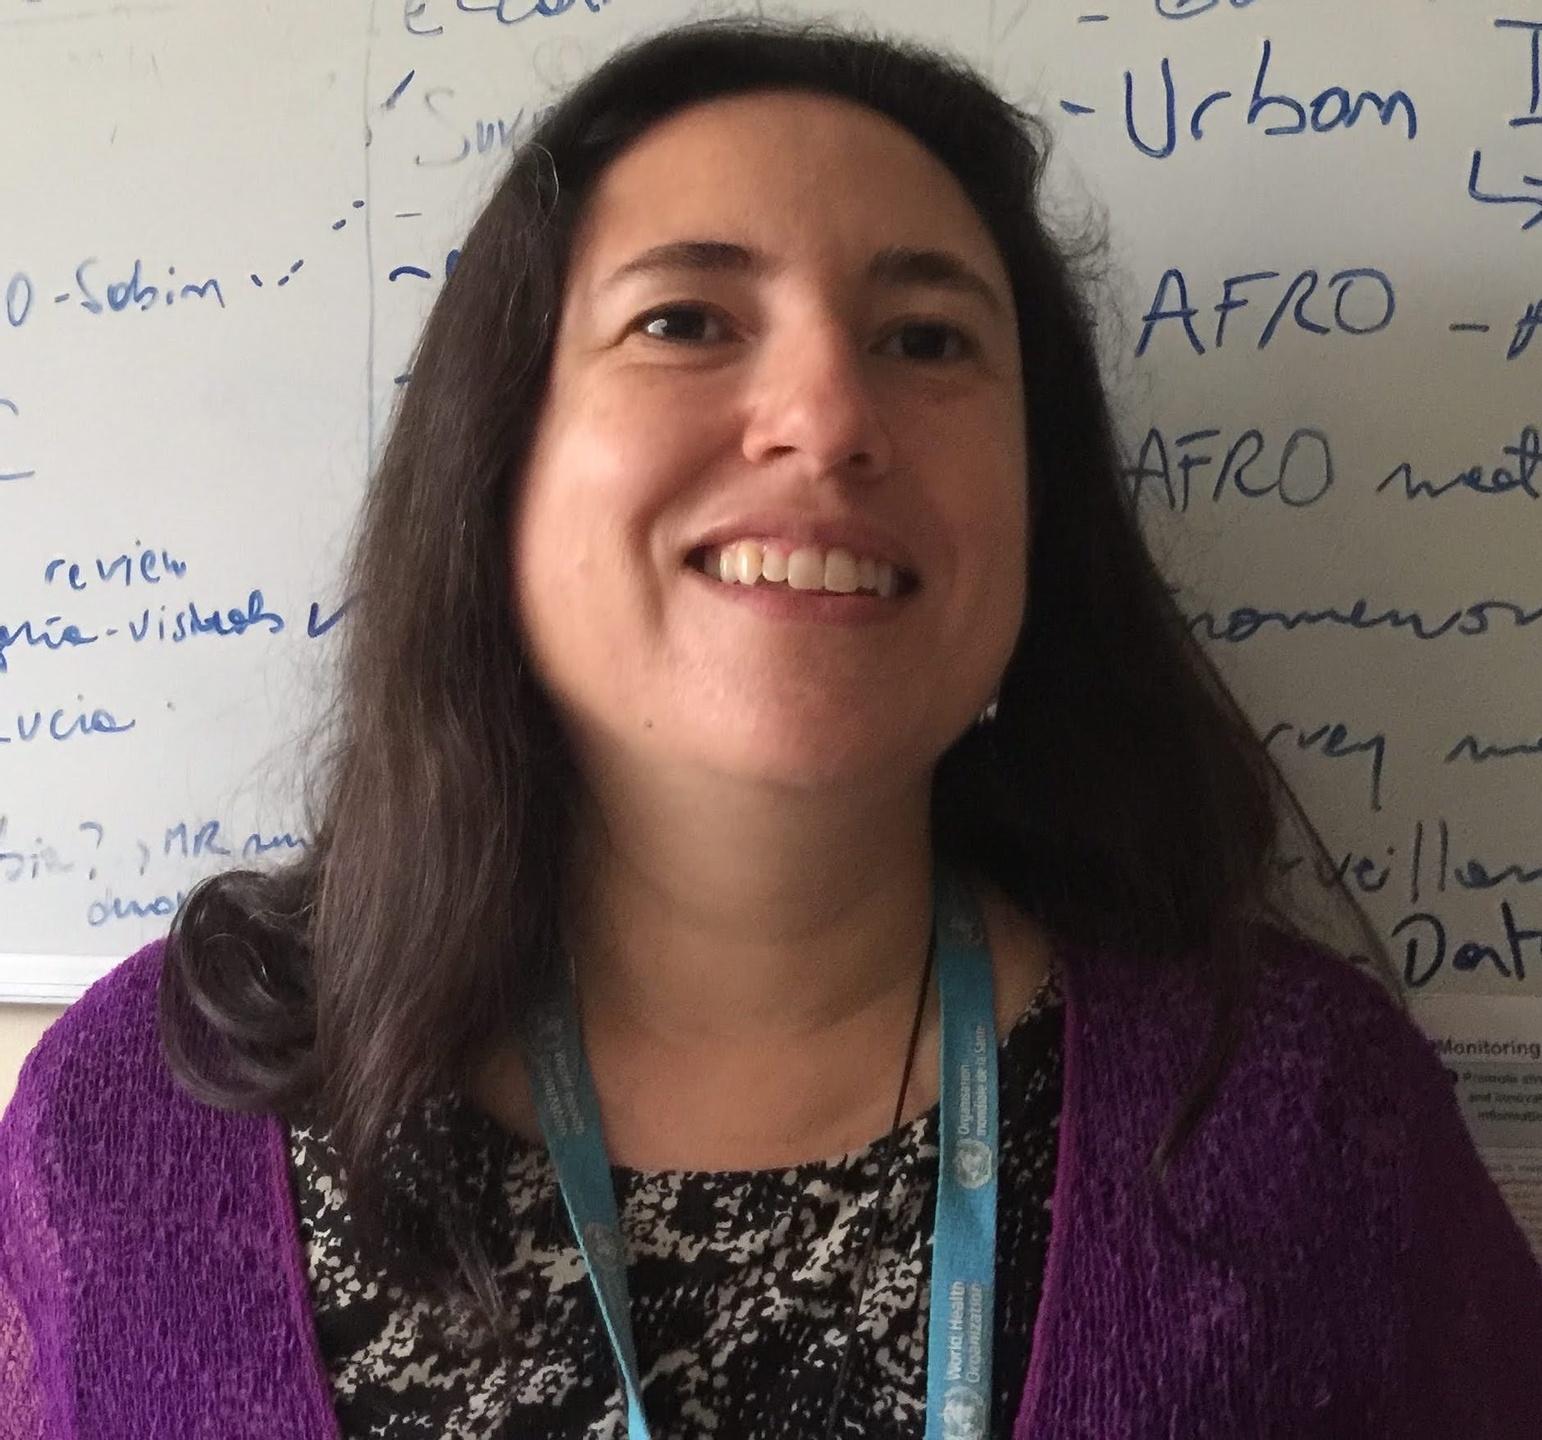 Carolina Danovaro